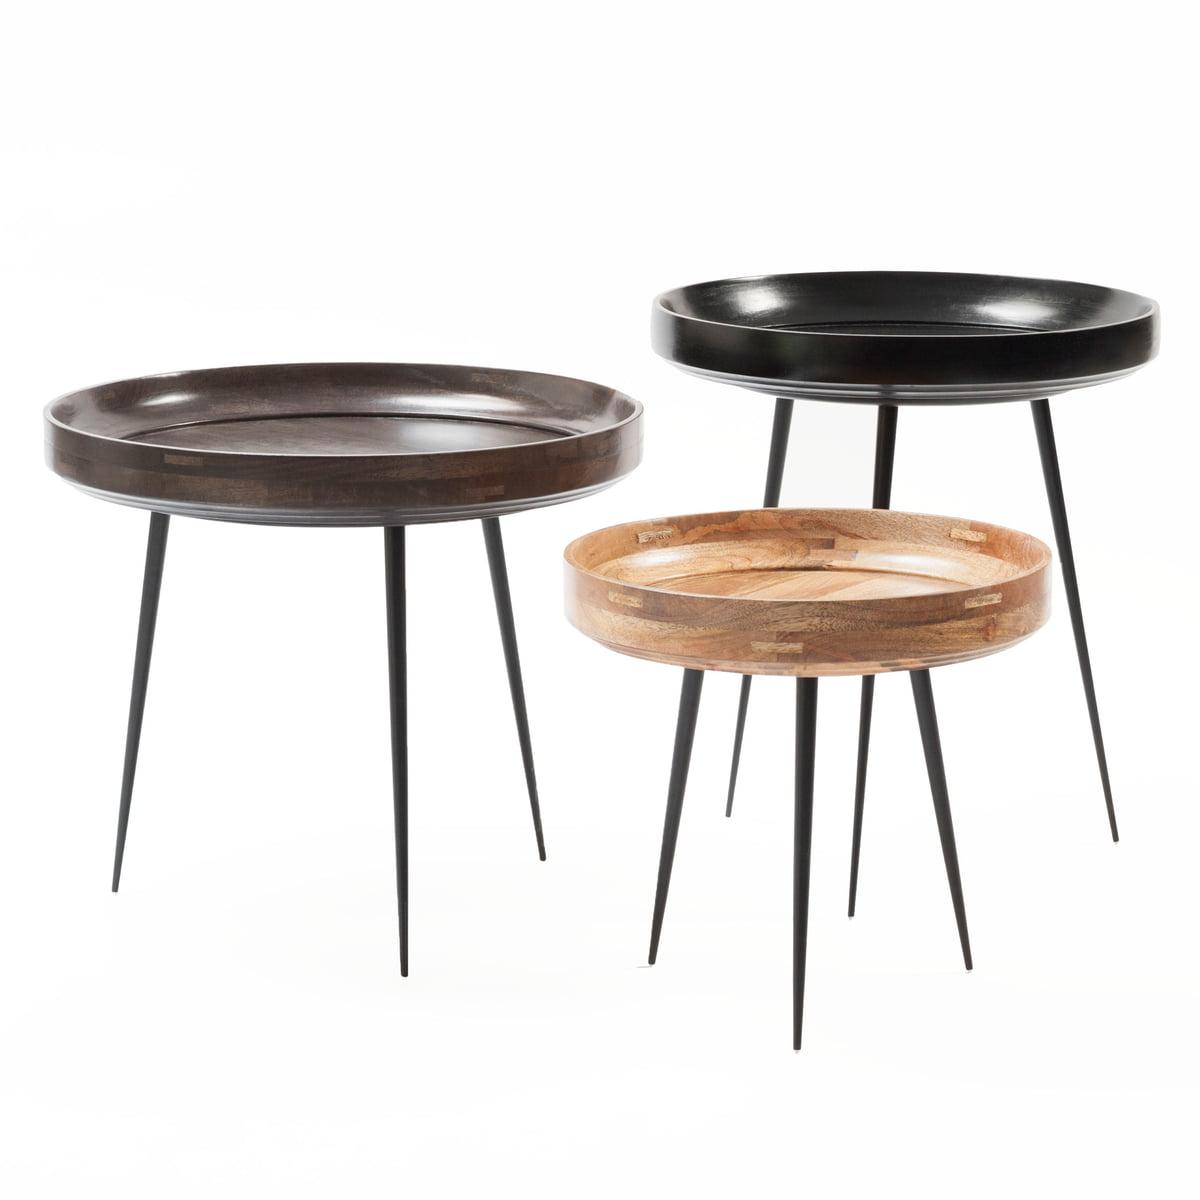 X Table Mater FormatØ Basse 40 H 38 CmNaturel Petit Bowl 8OkXPn0w